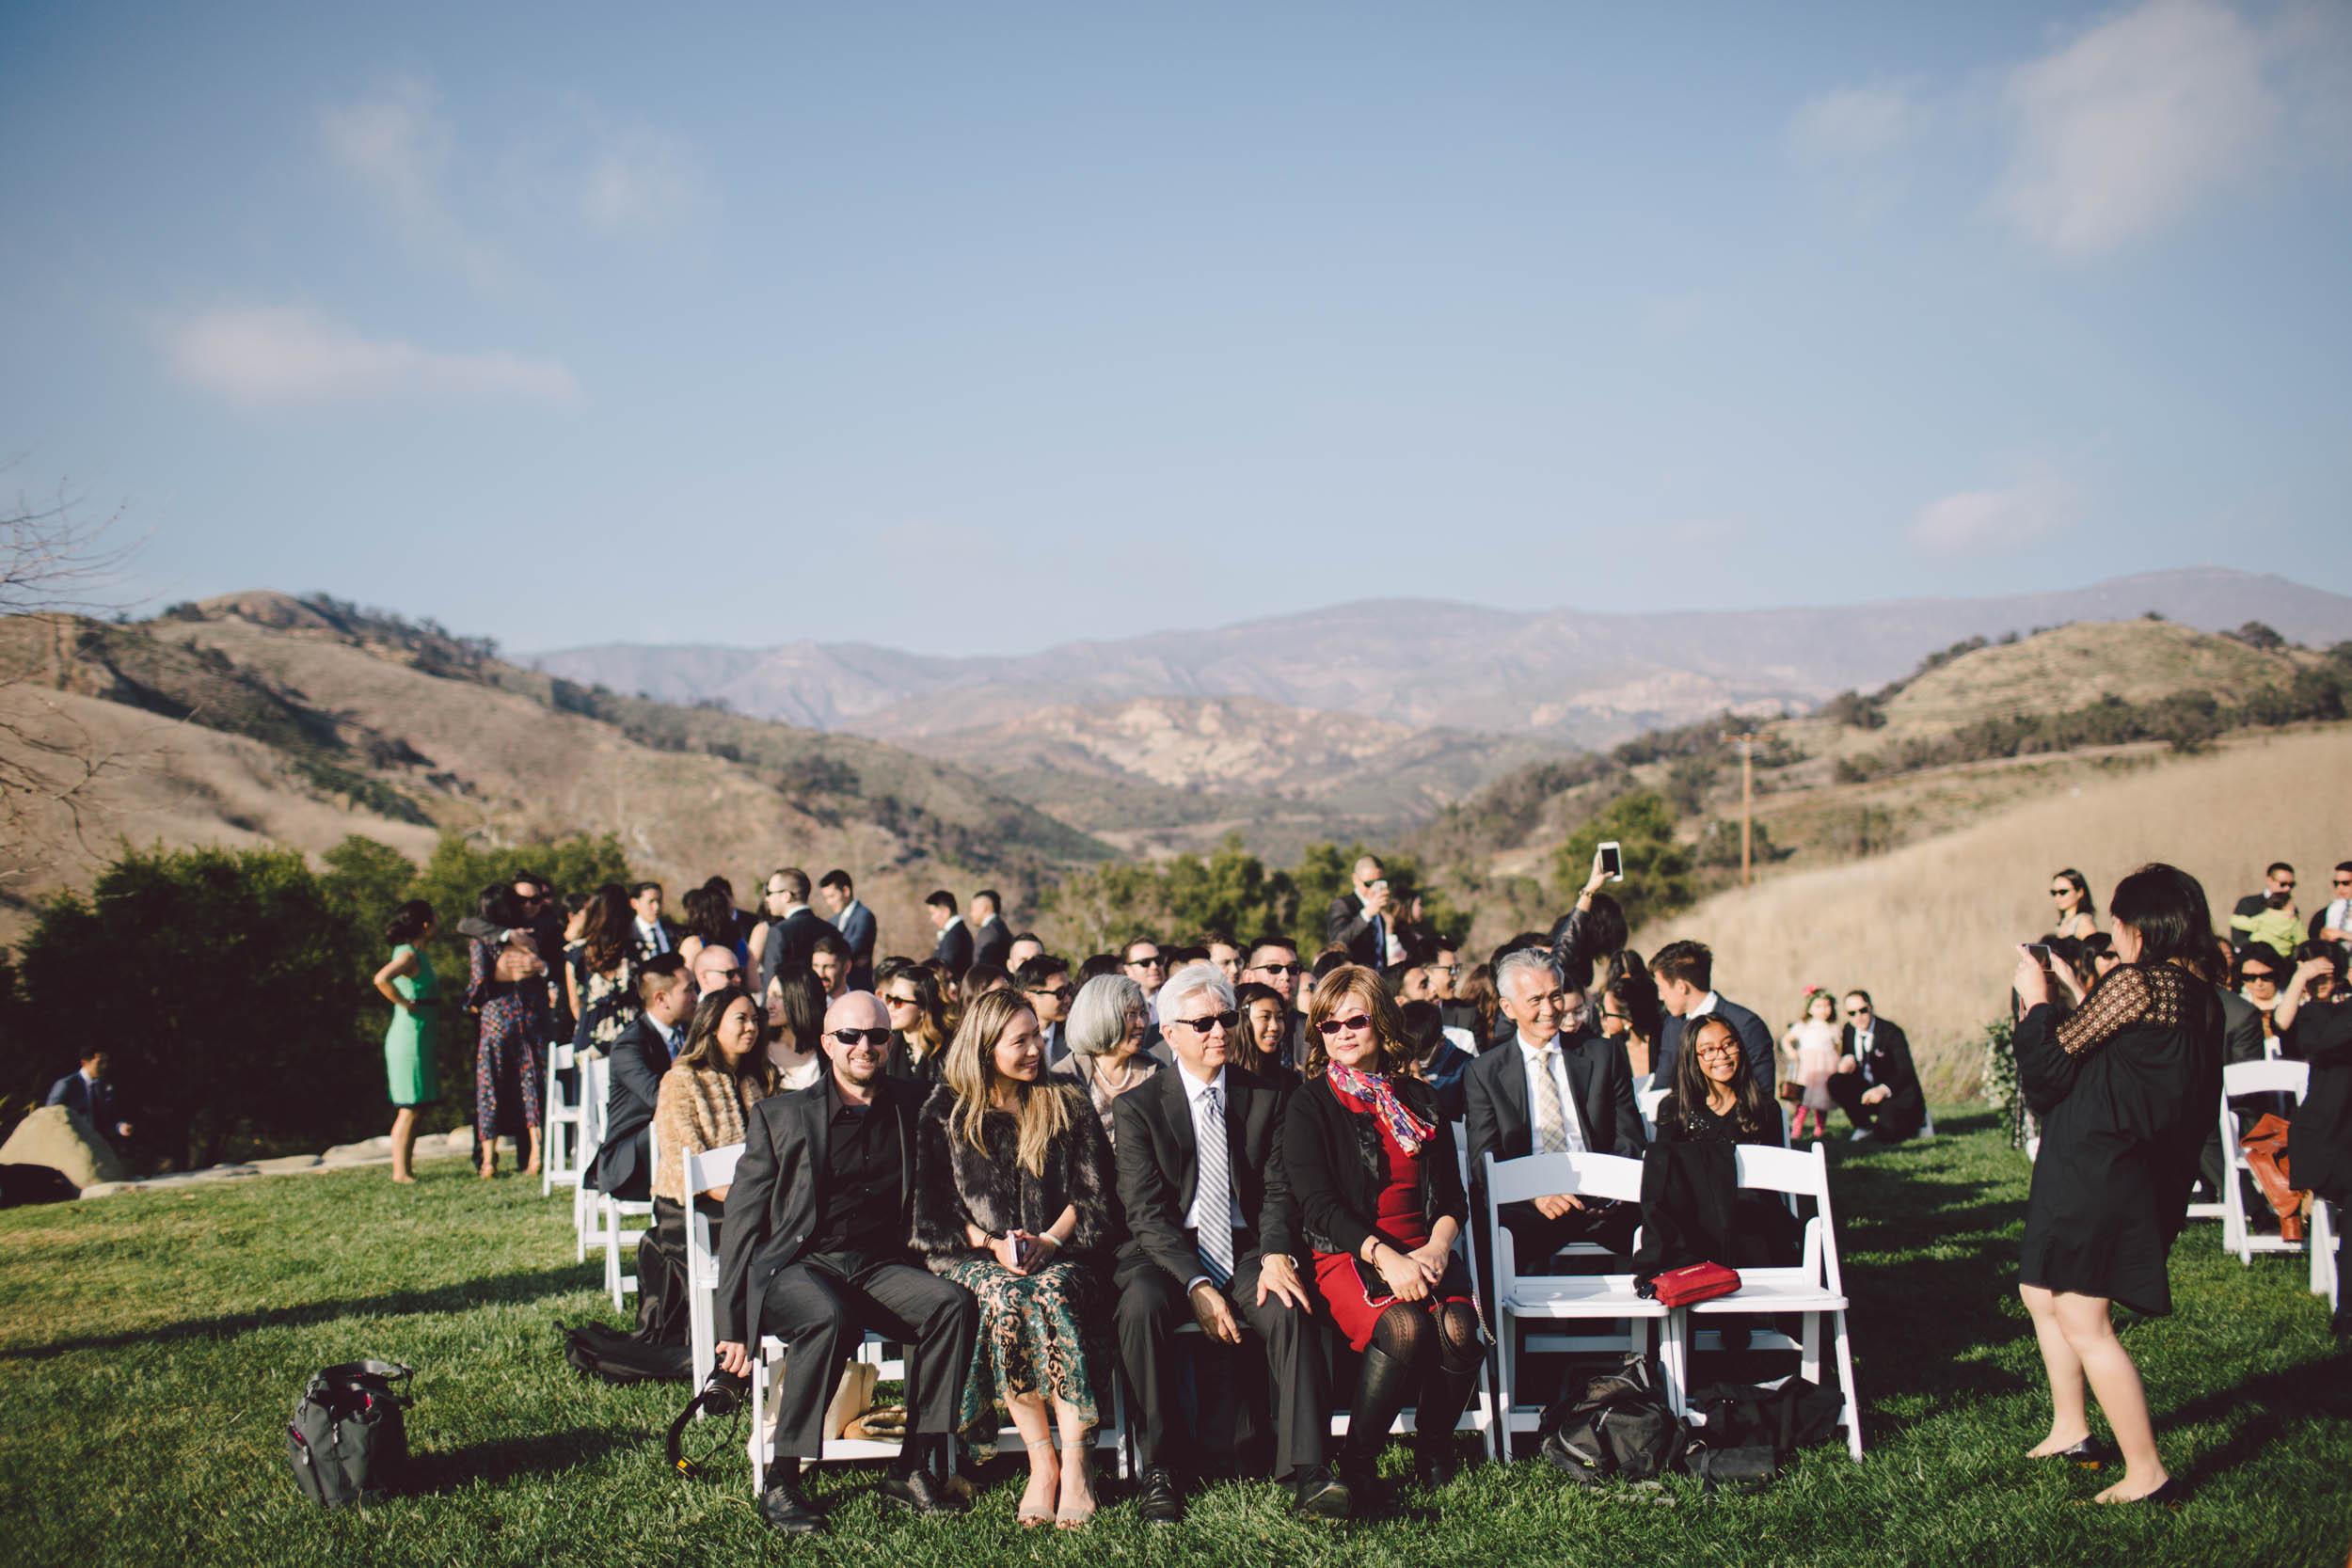 el capitan canyon santa barbara glamping wedding